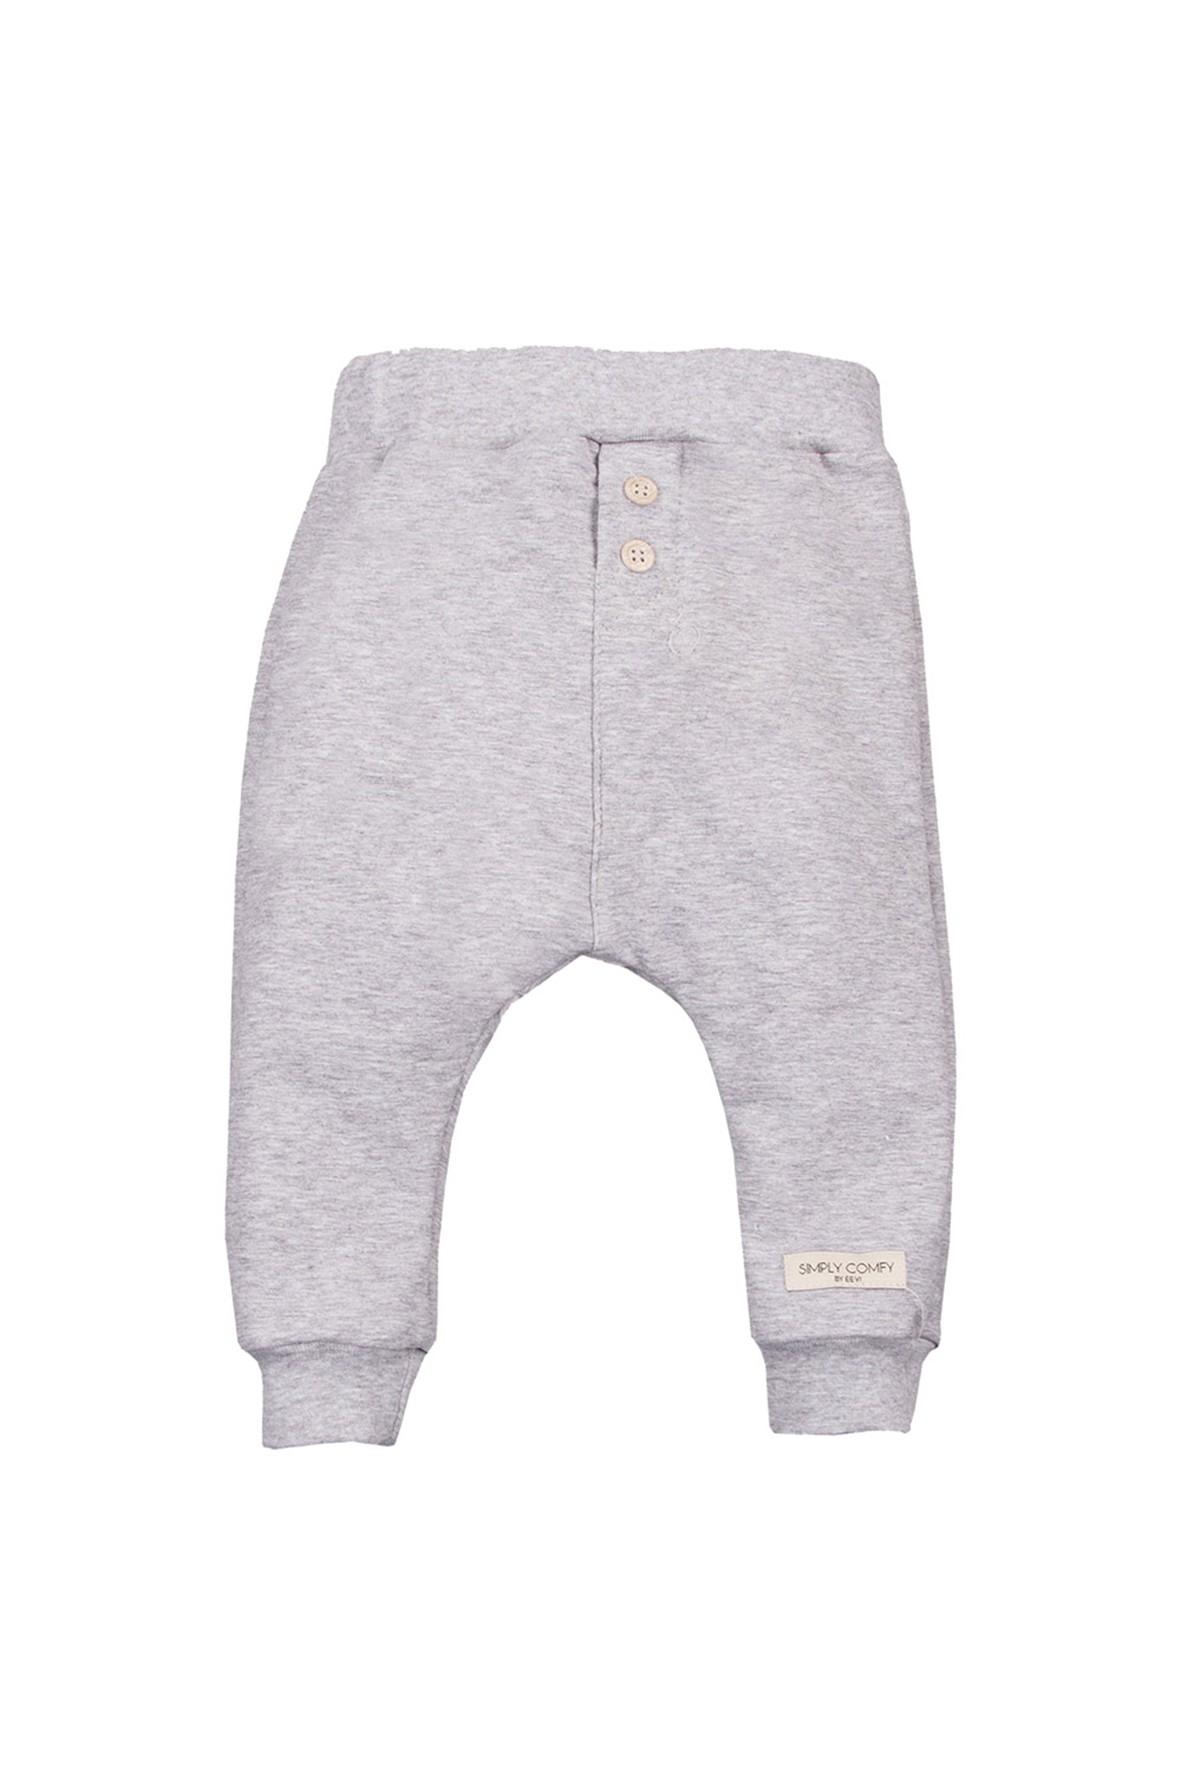 Bawełniane spodnie dresowe - szare